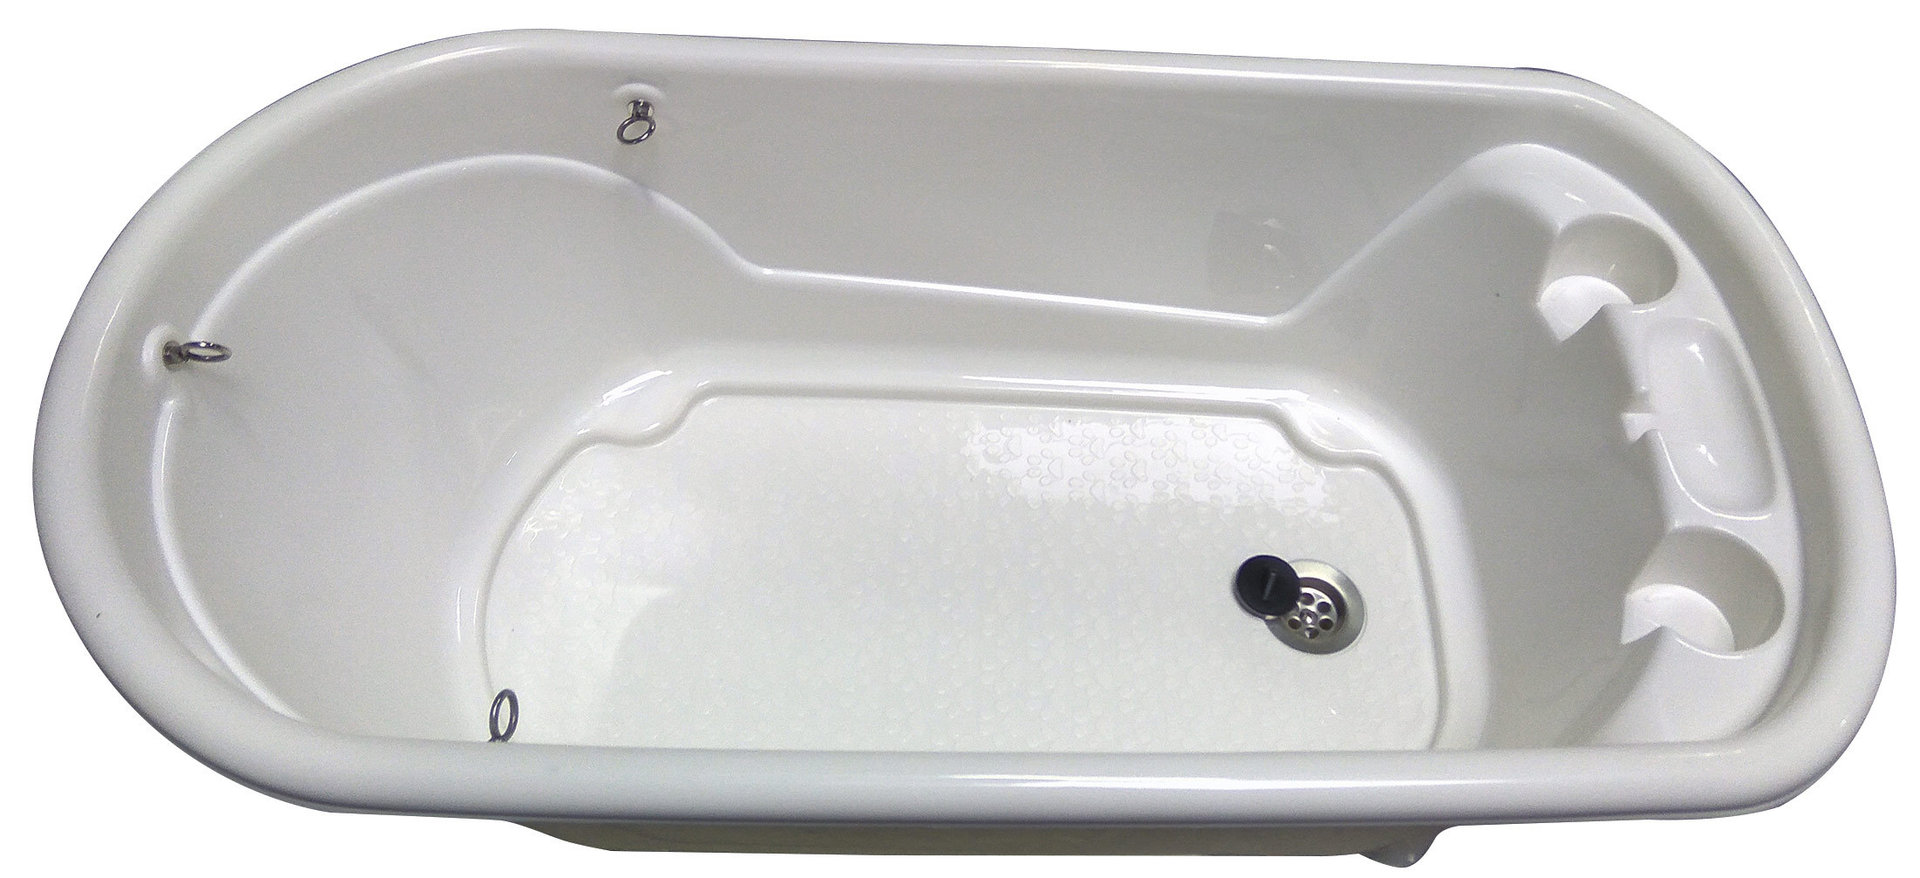 Pvc Badewanne Für Kleine Hunde 96 X 50 X 91 Cm Weiß